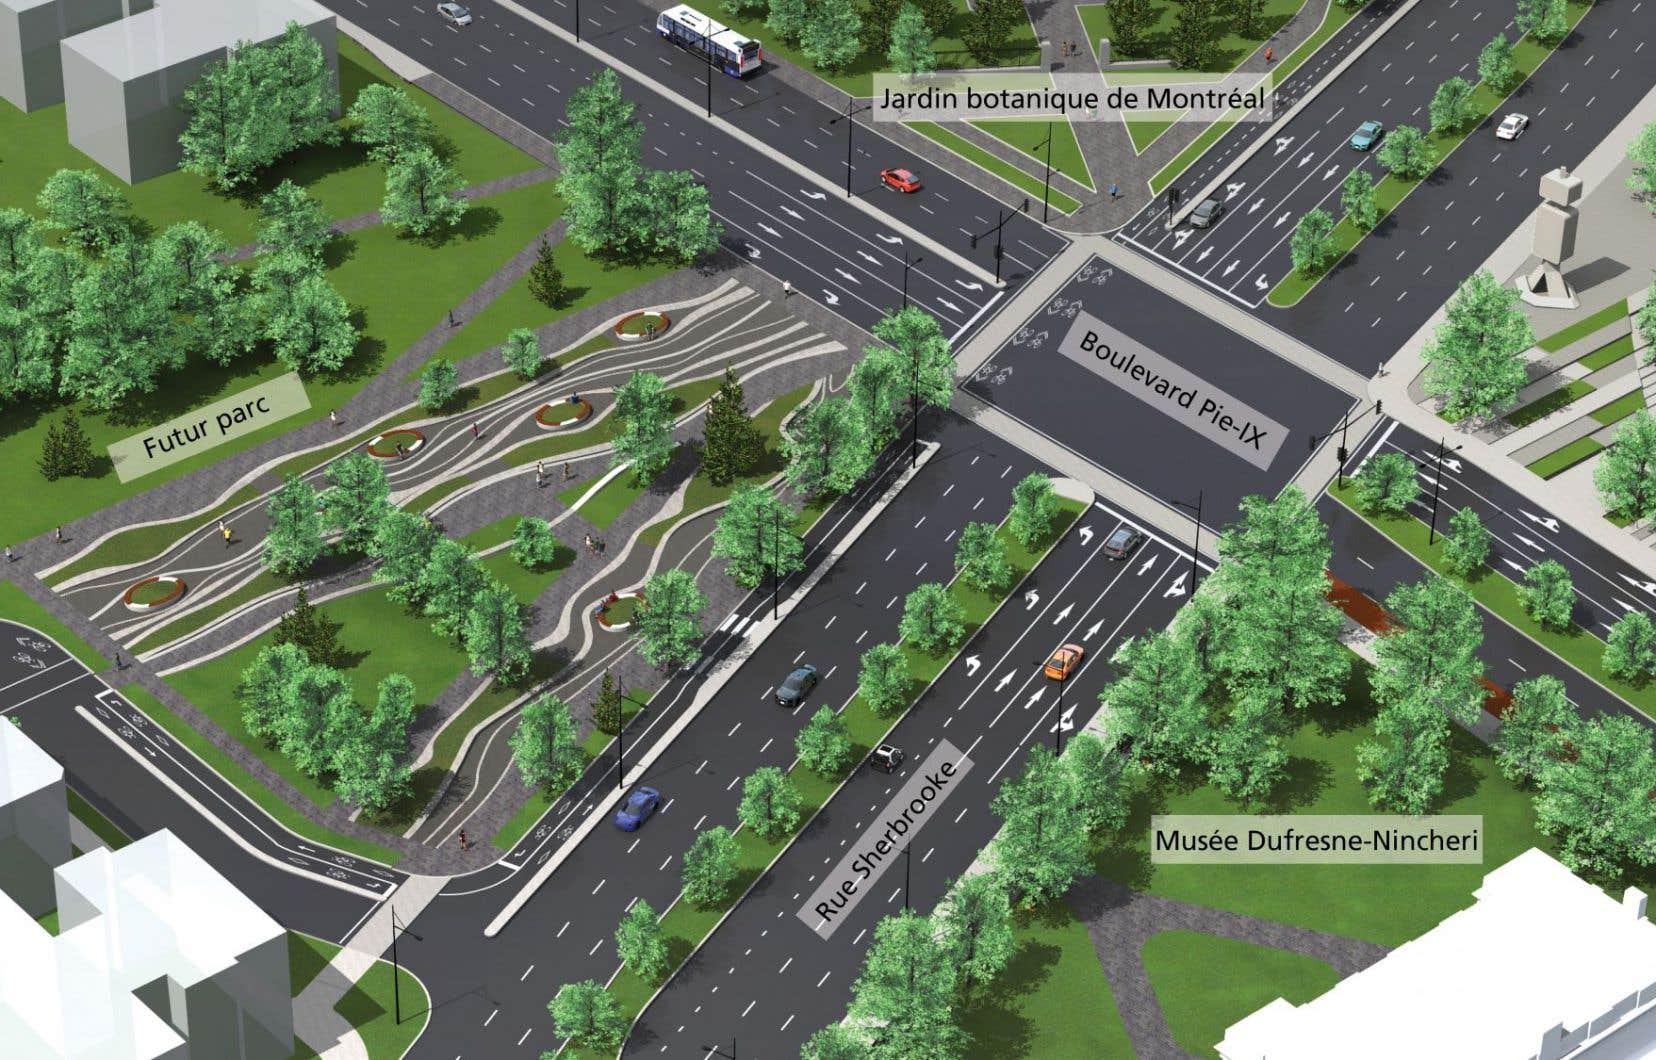 Le réaménagement de l'intersection du boulevard Pie-IX et de la rue Sherbrooke sera réalisé d'ici 2017 au coût de 19 millions de dollars.